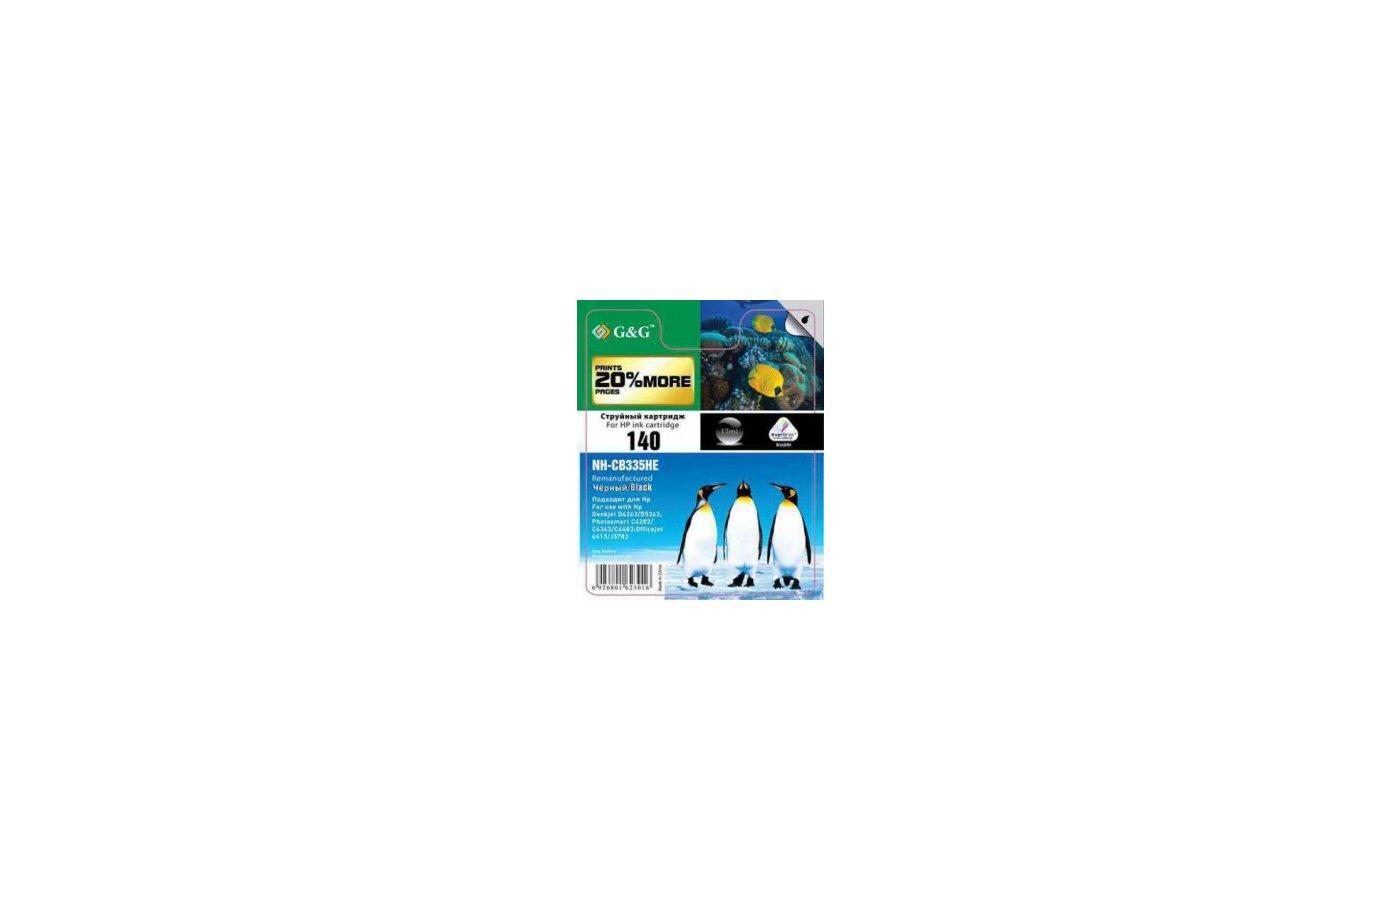 Картридж струйный GG NH-CB336HE Совместимый струйный черный140XL для HP Deskjet D4263/D5363 PS C4283/C4343/C4483